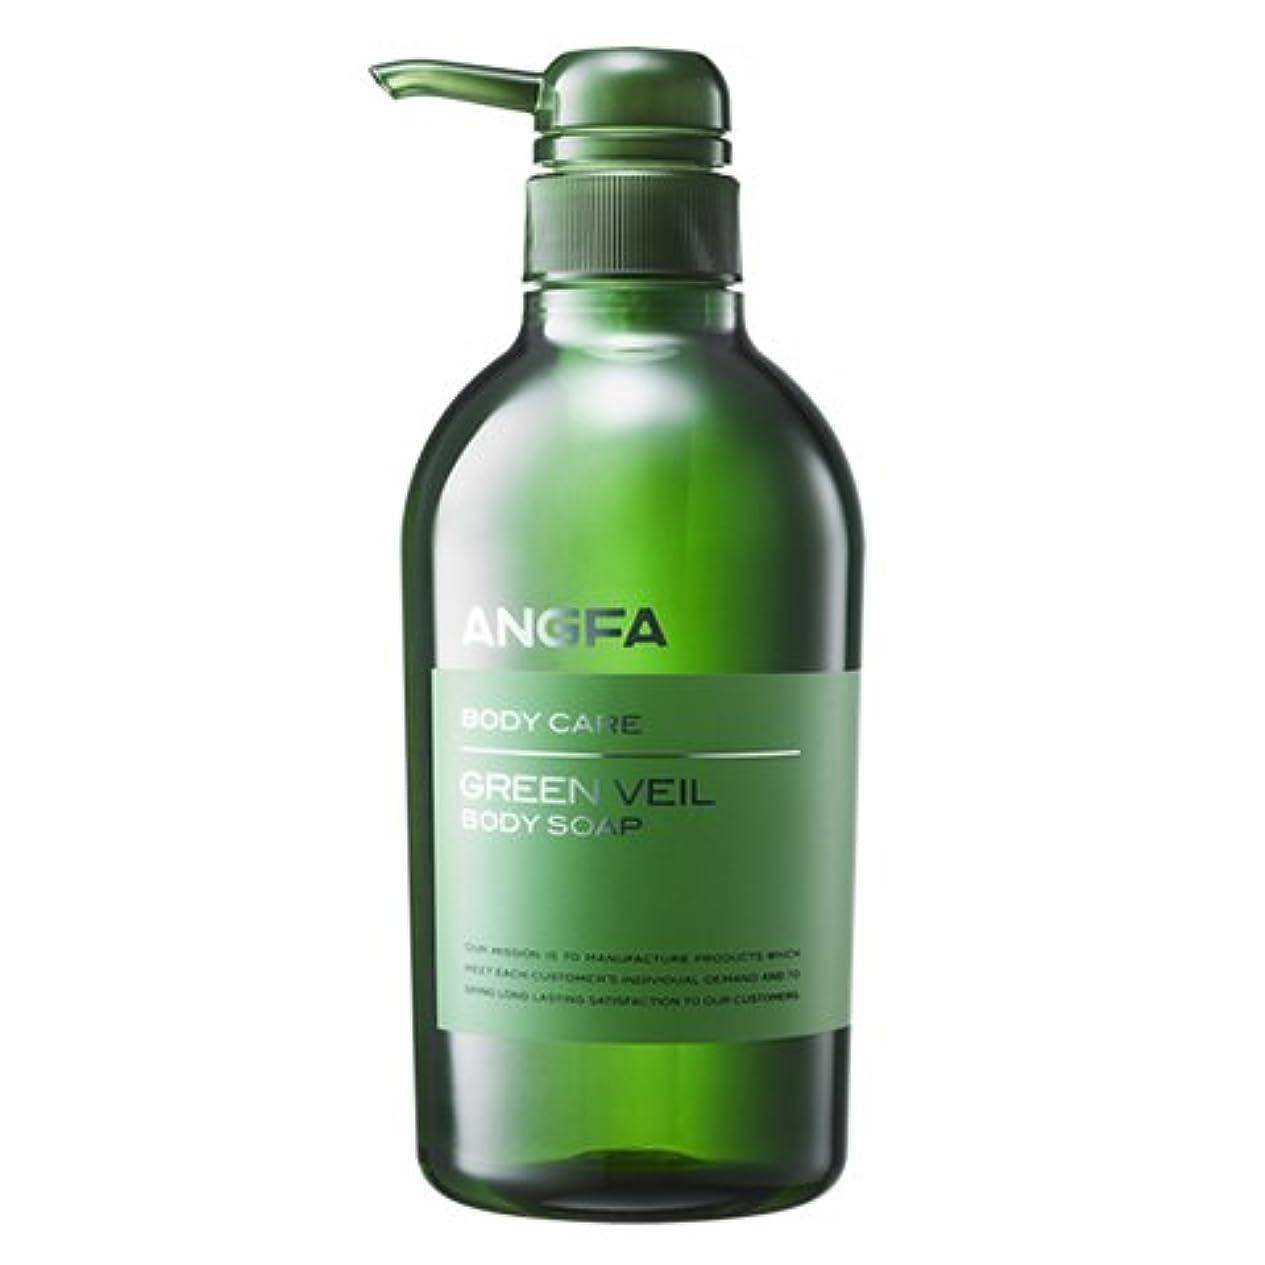 邪悪な告白拳アンファー (ANGFA) グリーンベール 薬用ボディソープ 500ml グリーンフローラル [乾燥?保湿] かゆみ肌